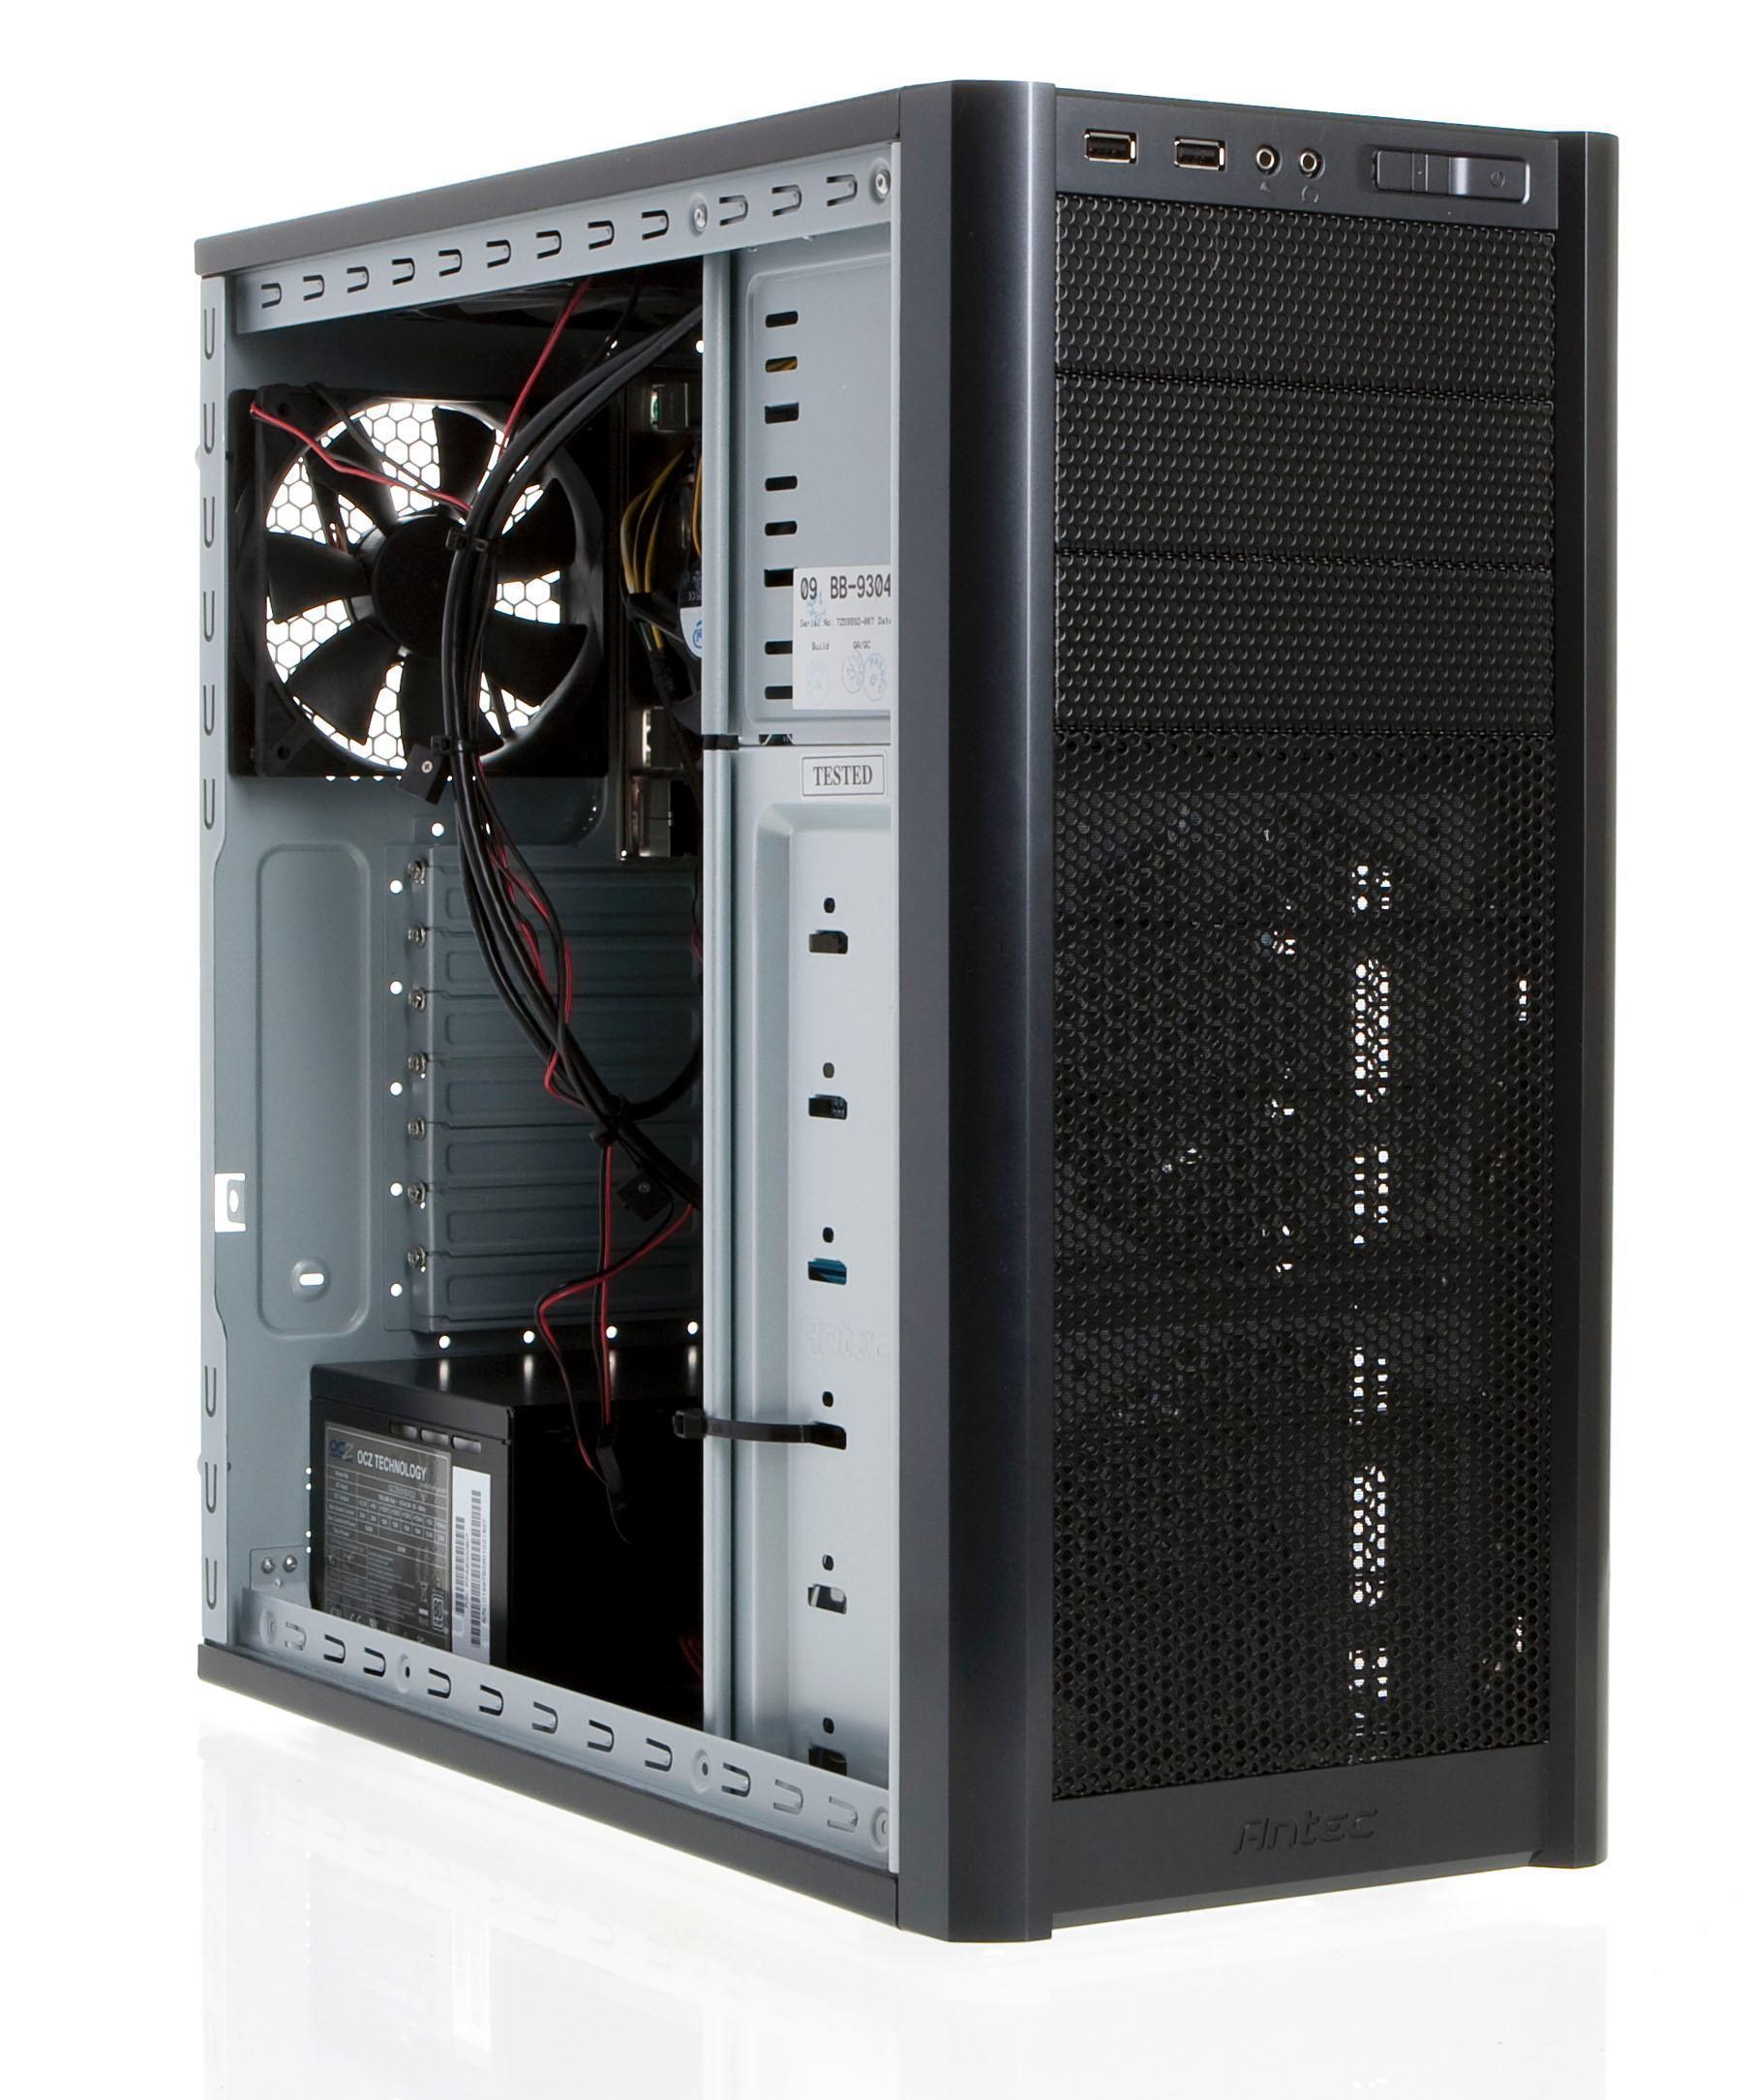 http://images.novatech.co.uk/ev-bb-9504g31.jpg